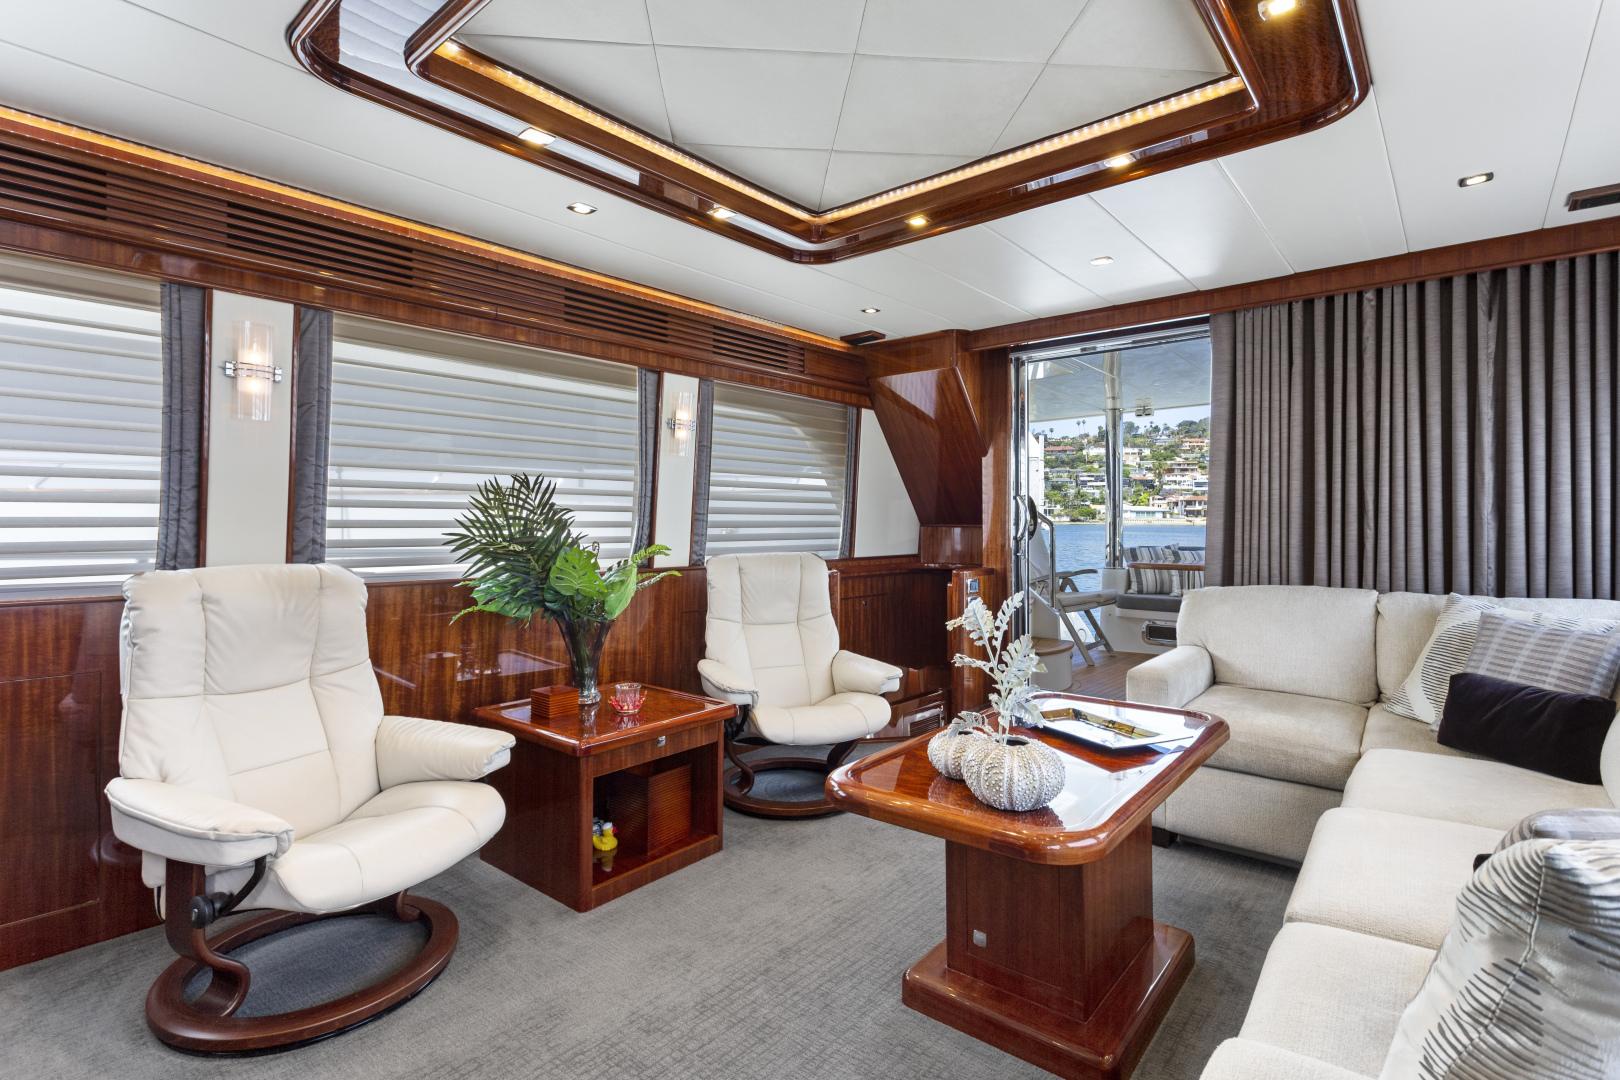 Hampton-76 Skylounge Motoryacht 2014-ODYSEA San Diego-California-United States-SALON-1165153 | Thumbnail